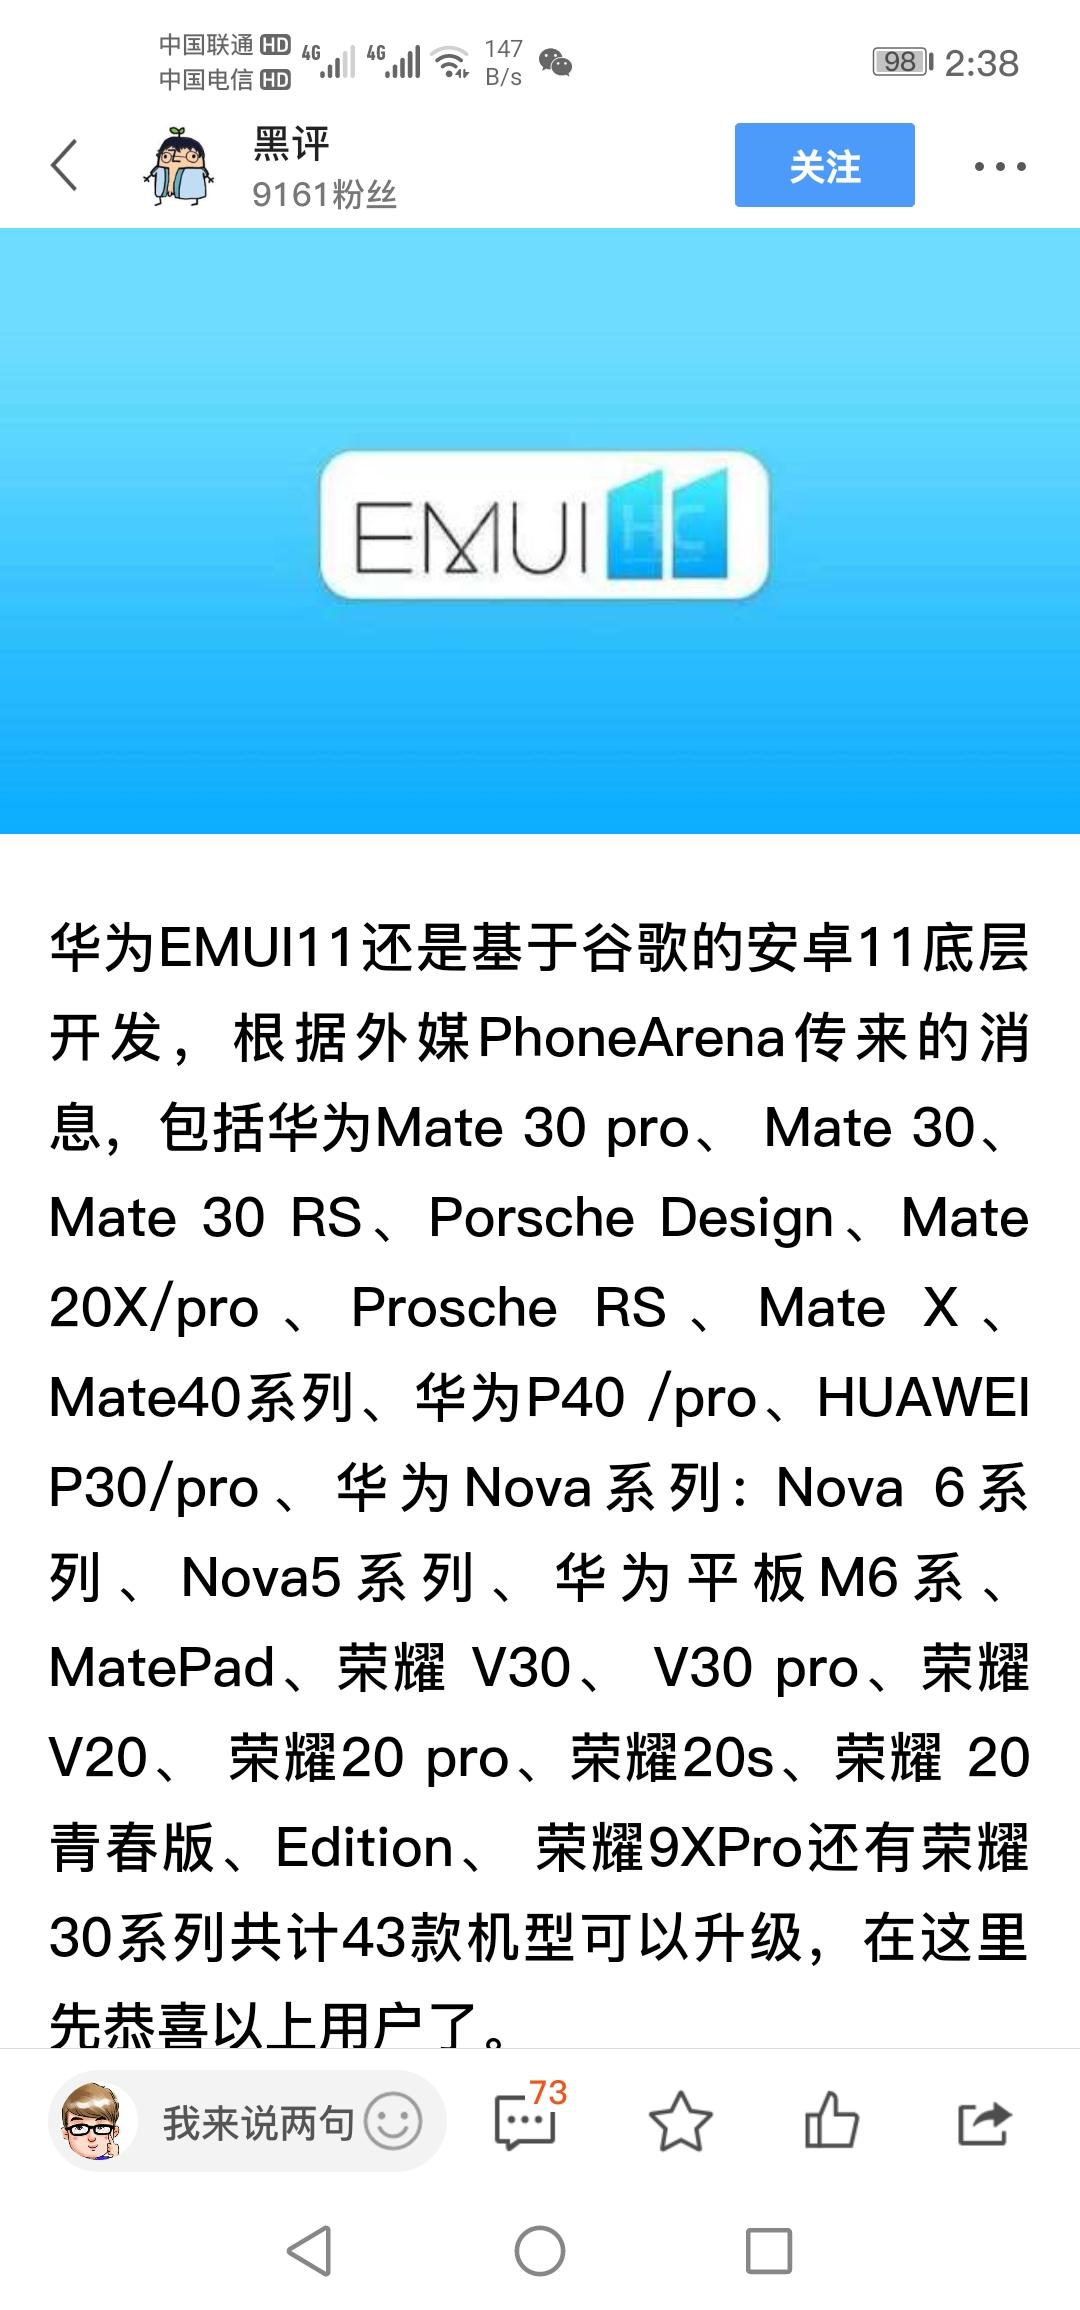 Screenshot_20200510_143827_com.tencent.mtt.jpg